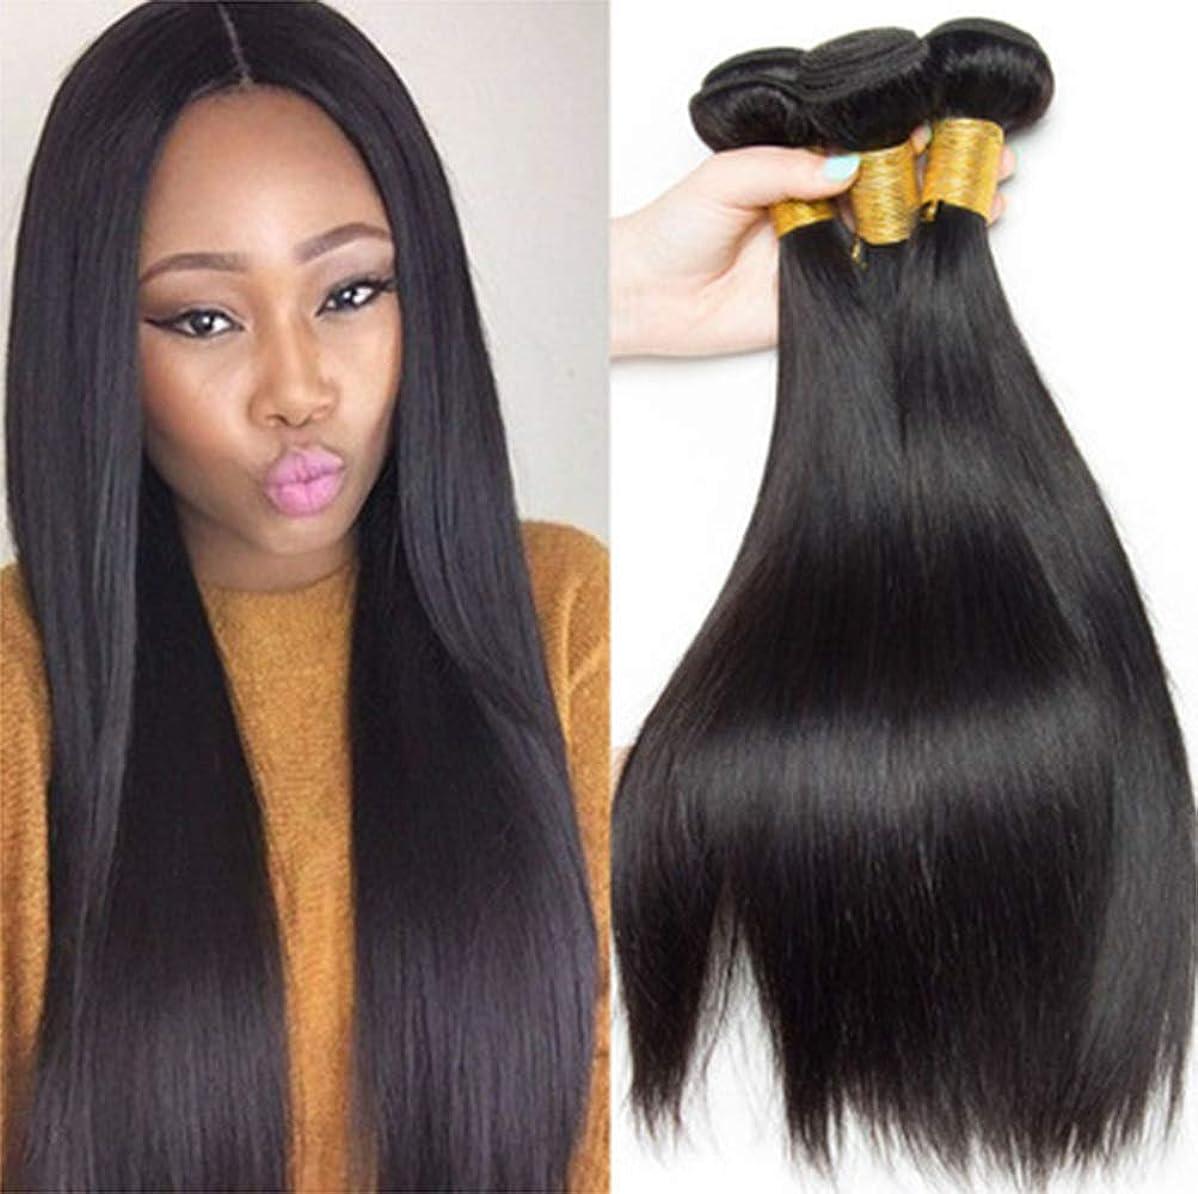 誇大妄想定数有名人女性の髪織り密度150%ロング1バンドルブラジルレミーペルーストレートヘアロングストレート人間の髪